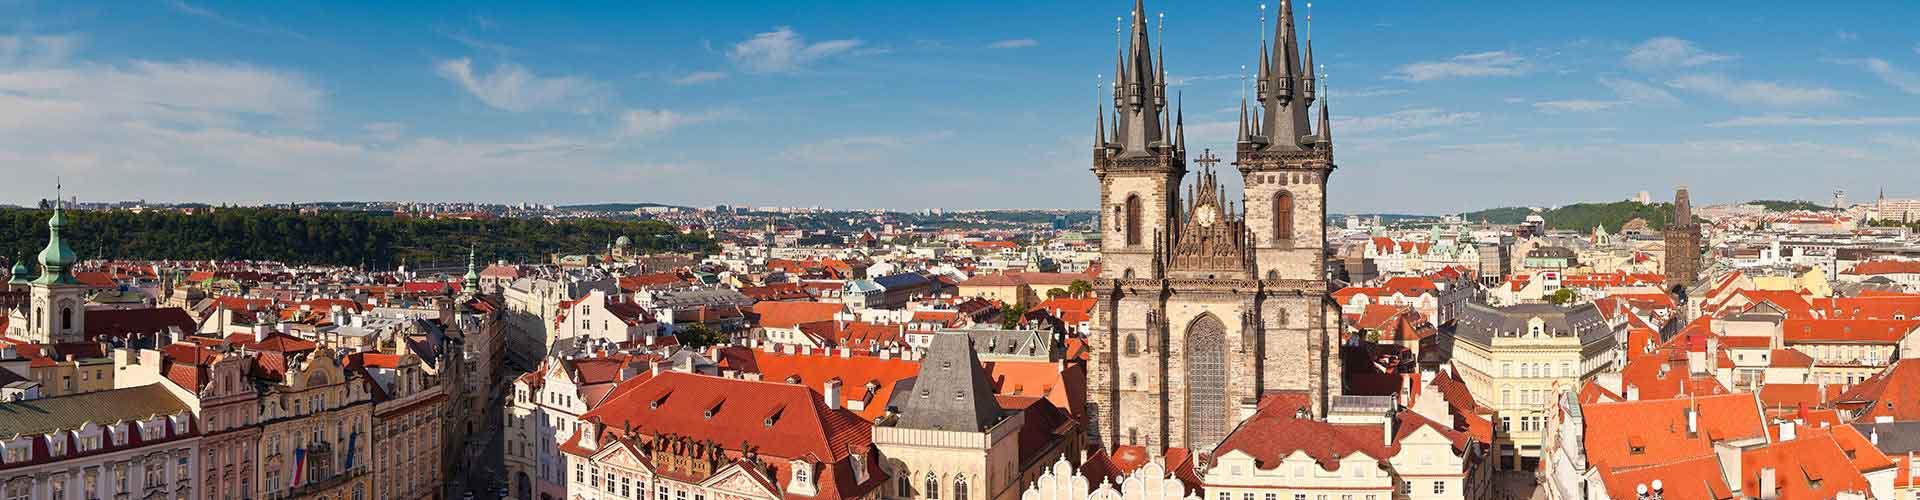 Praga – Albergues próximos a Igreja Tyn. Mapas para Praga, Fotos e Avaliações para cada Albergue em Praga.